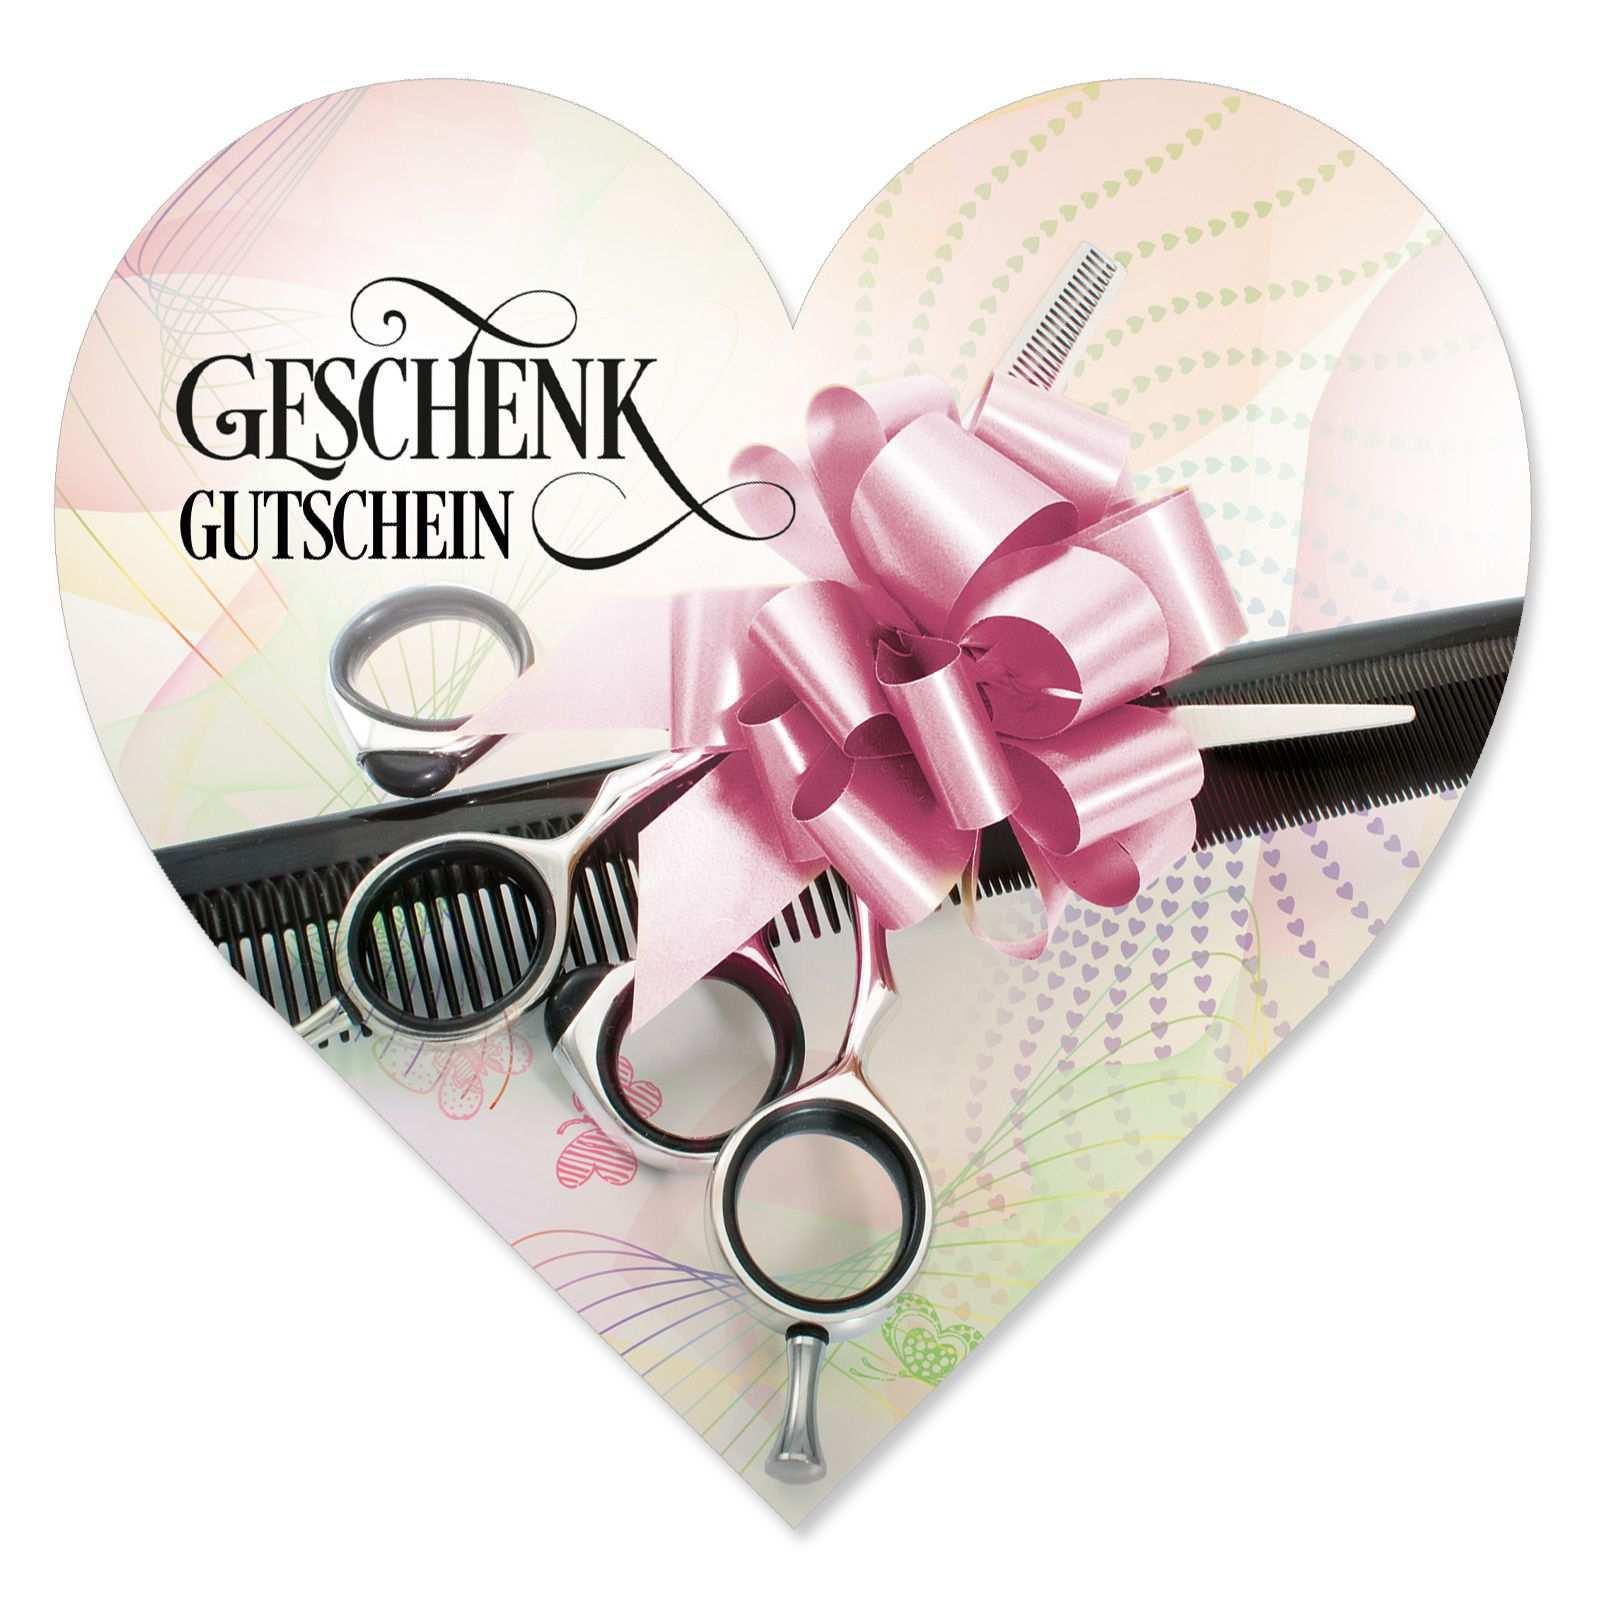 Herz Geschenkgutschein K450 Erhaltlich Auf Www Geschenkgutschein Com Ein Gutschein Fur Friseure Geschenkgutscheine Gutscheine Geschenke